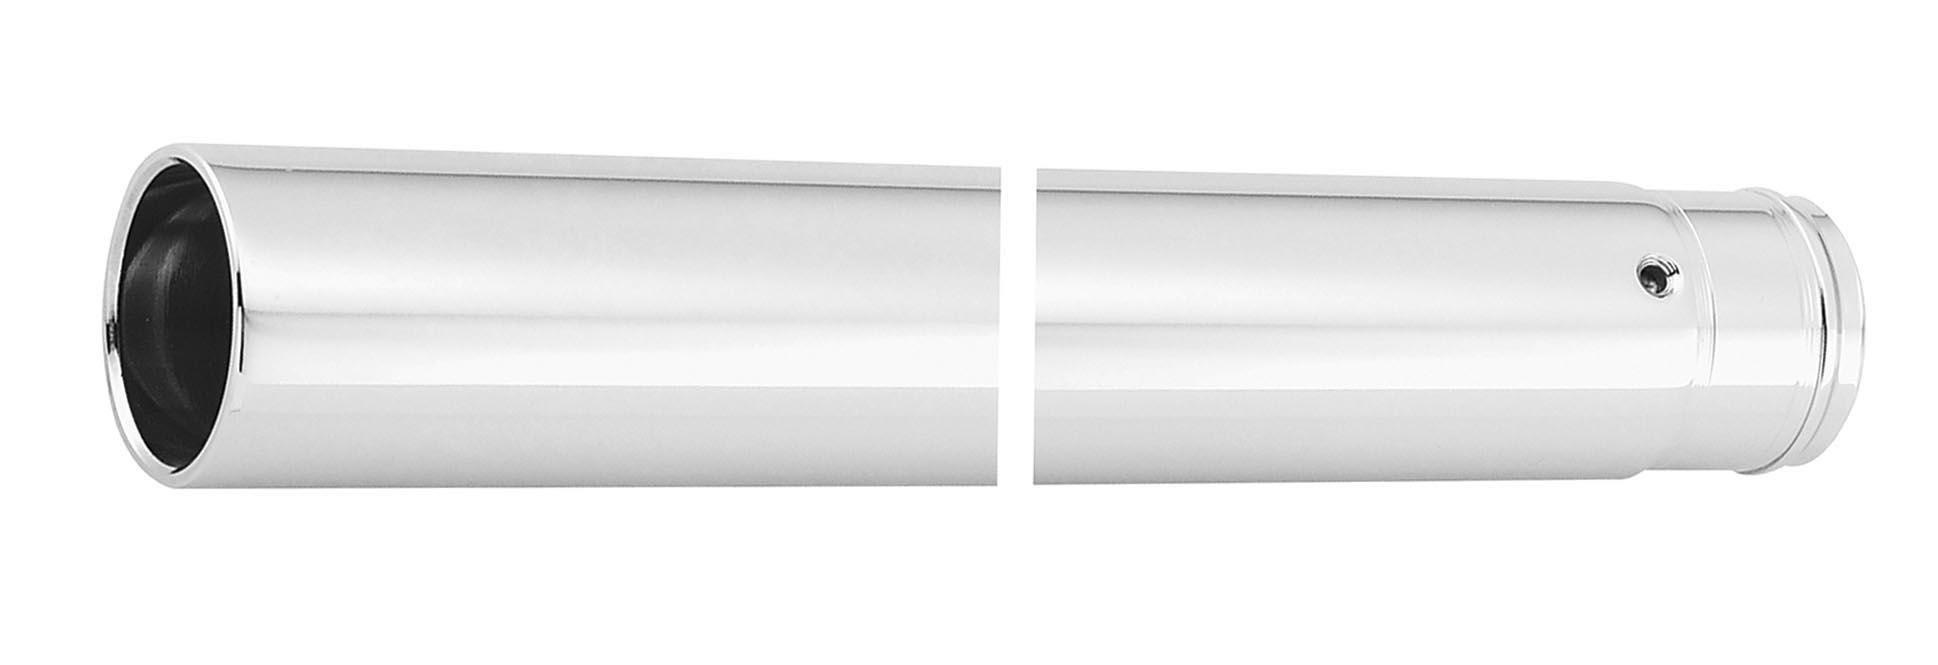 41mm Fork Tubes